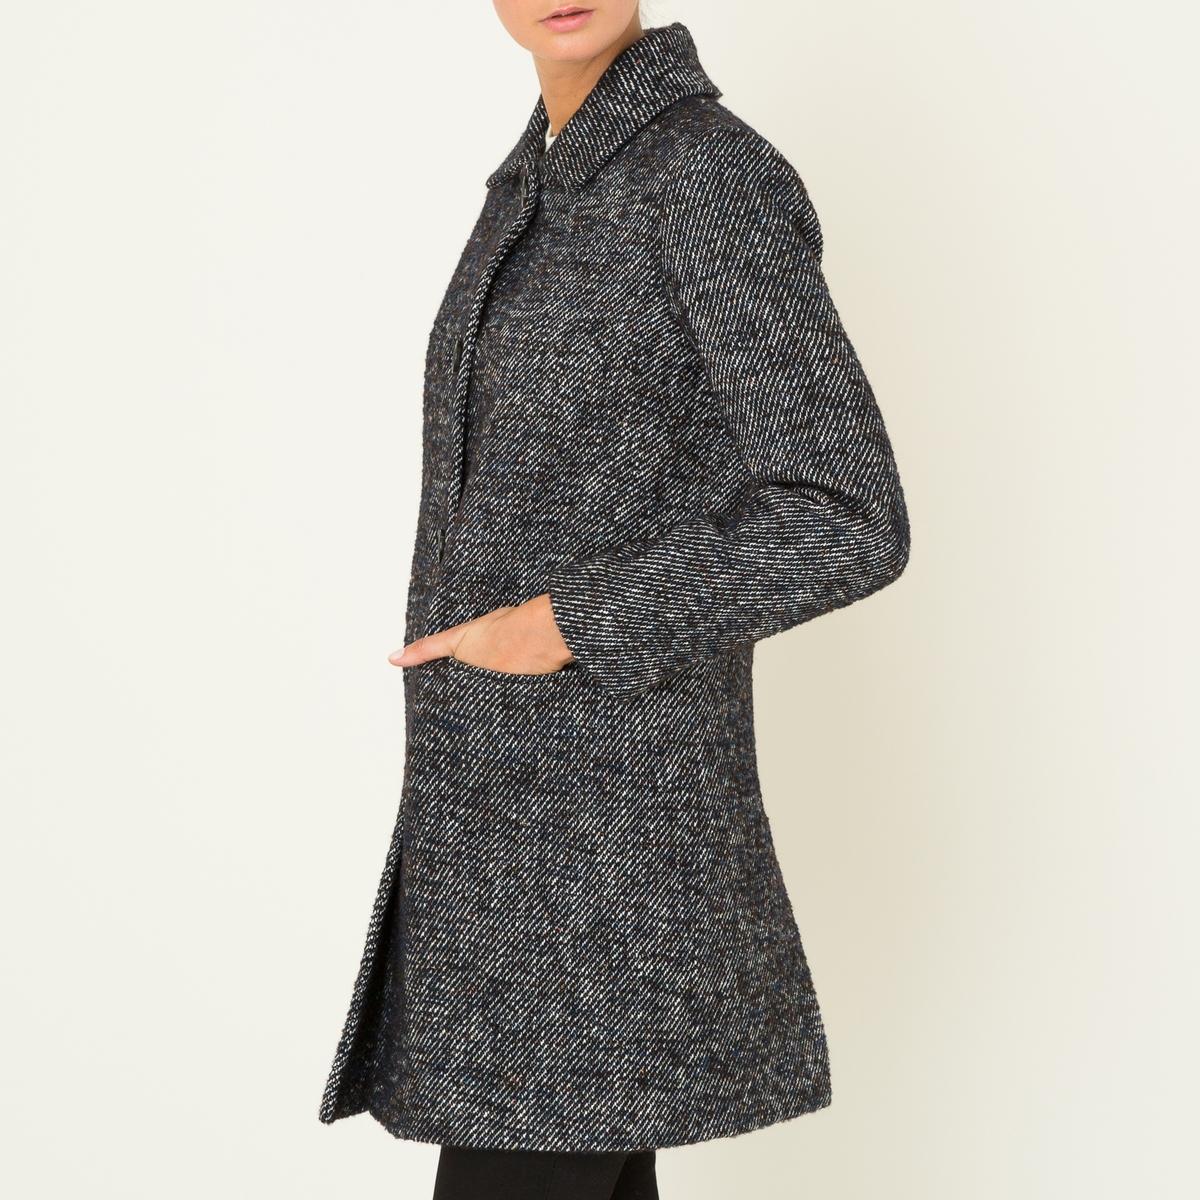 Пальто длинное из шерстяного драпаДлинное пальто LA BRAND BOUTIQUE - из двухцветного шерстяного драпа.  Рубашечный воротник с застежкой на пуговицы. Прямые длинные рукава. 2 прорезных кармана. Шлица сзади. На подкладке.Состав и описание    Материал : 31% хлопка, 27% необработанной шерсти, 22% полиэстера, 8% альпаки, 8% акрила, 4% шелка   Подкладка 100% ацетат   Марка : LA BRAND BOUTIQUE<br><br>Цвет: темно-синий<br>Размер: 34 (FR) - 40 (RUS).40 (FR) - 46 (RUS).36 (FR) - 42 (RUS)